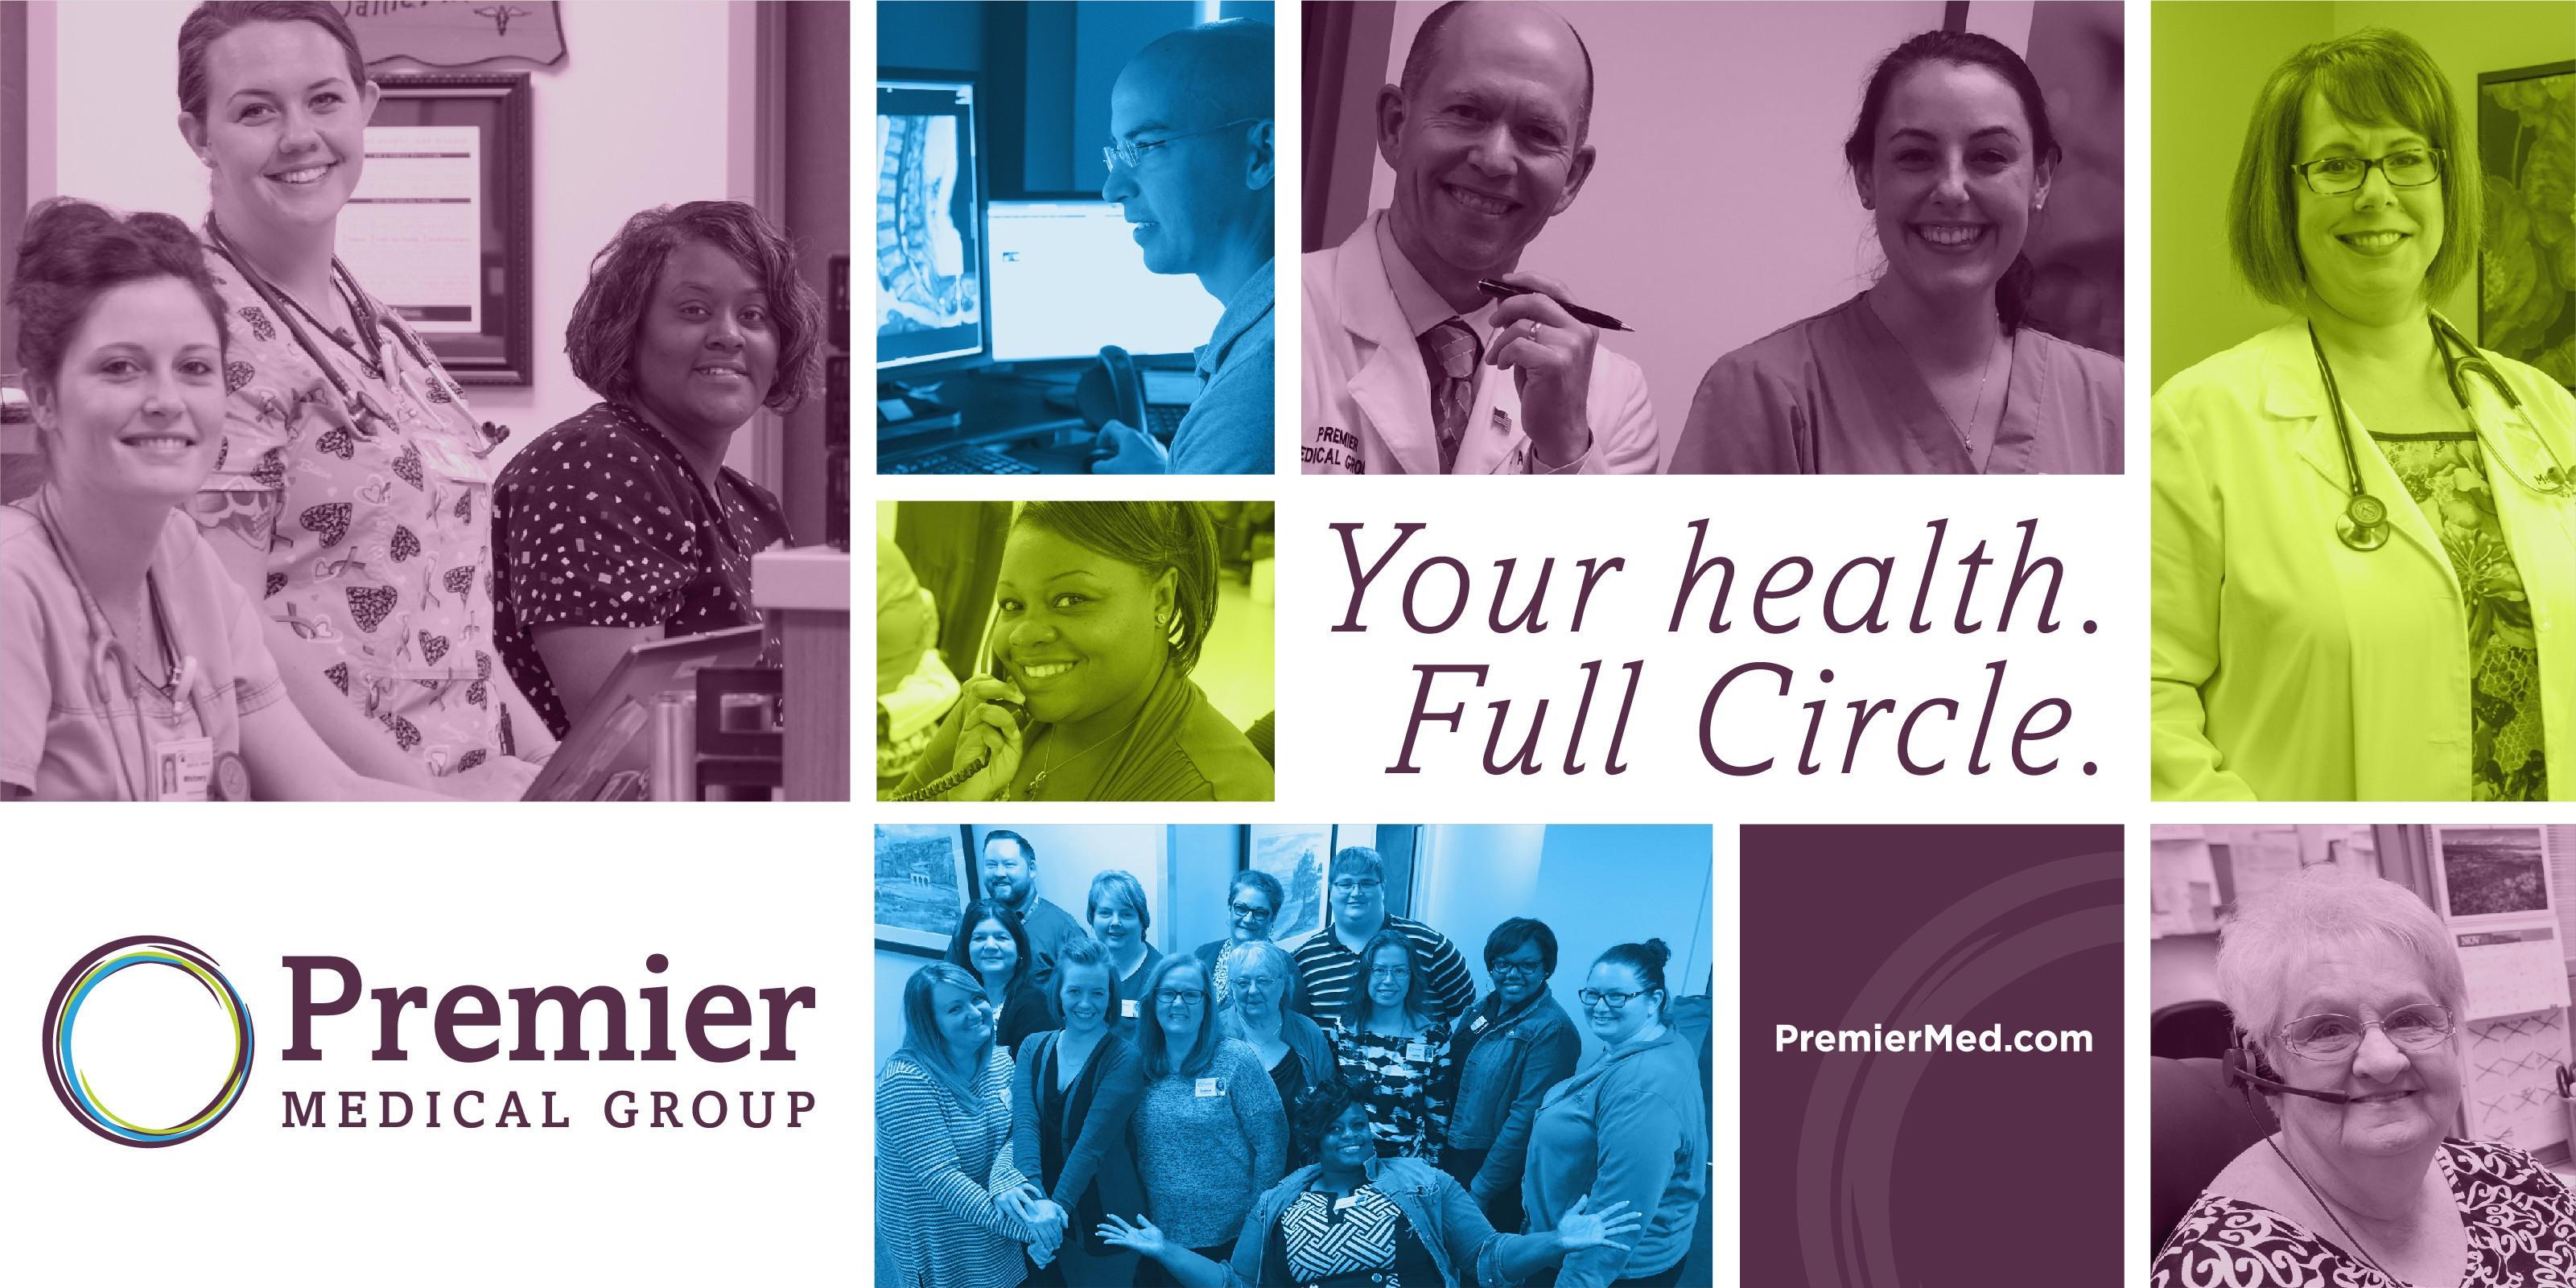 Premier Medical Group | LinkedIn